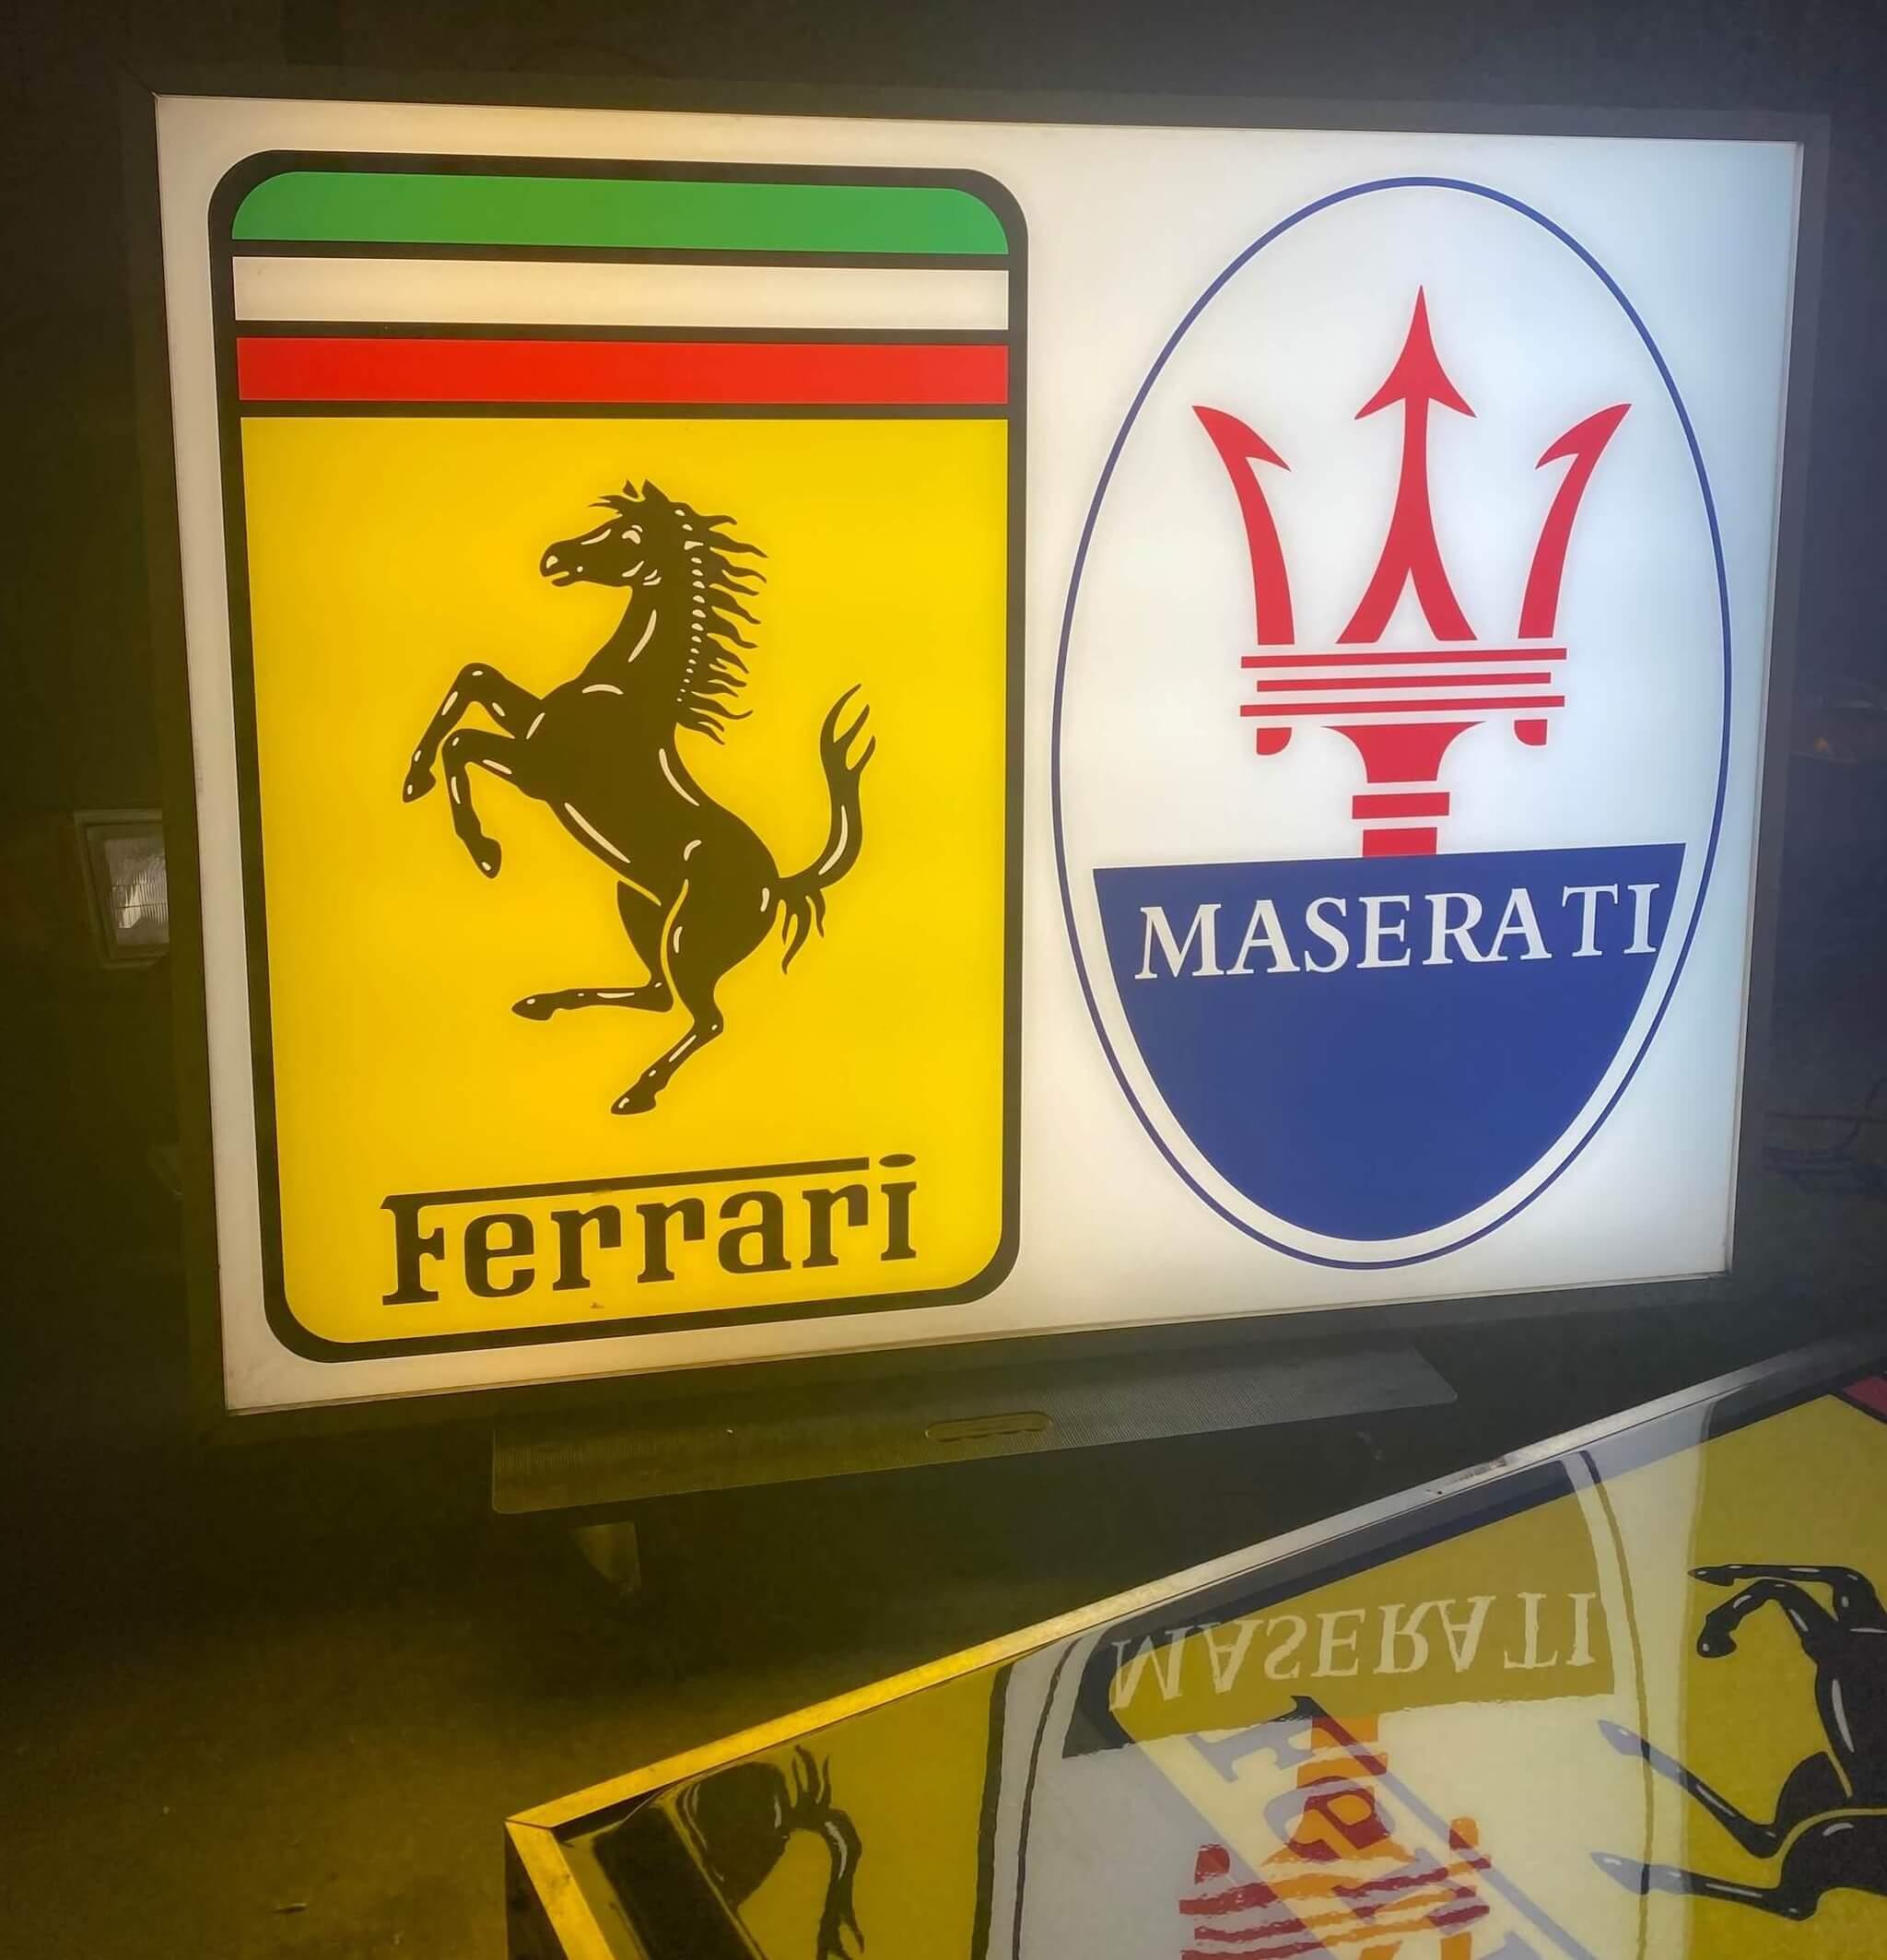 Illuminated Double-Sided Ferrari / Maserati Dealership Sign